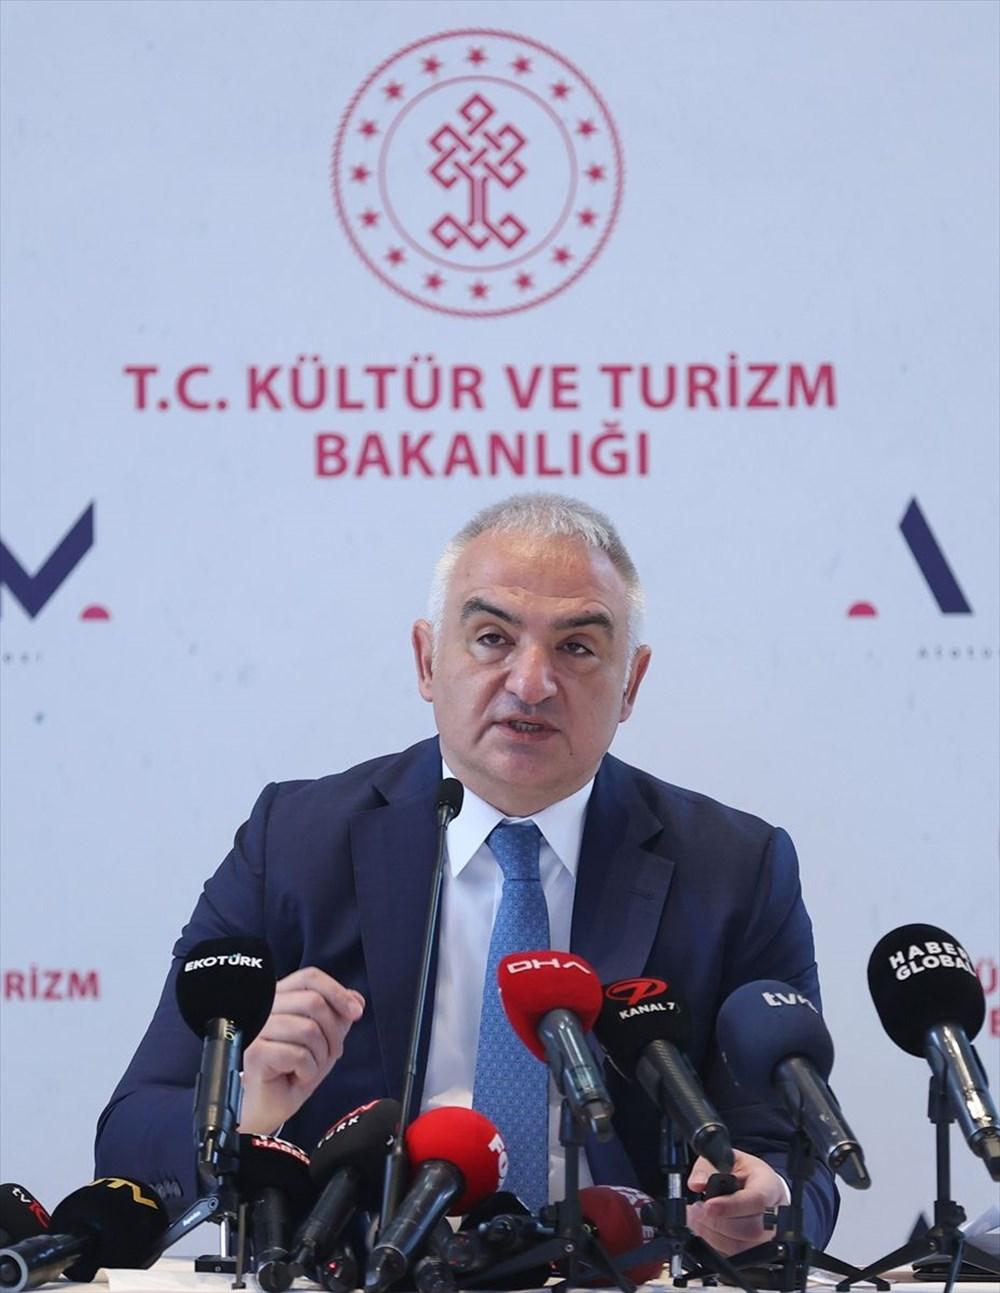 Kültür ve Turizm Bakanı Ersoy: AKM dünyadaki en önemli 10 kültür merkezi arasında yer alacak - 13